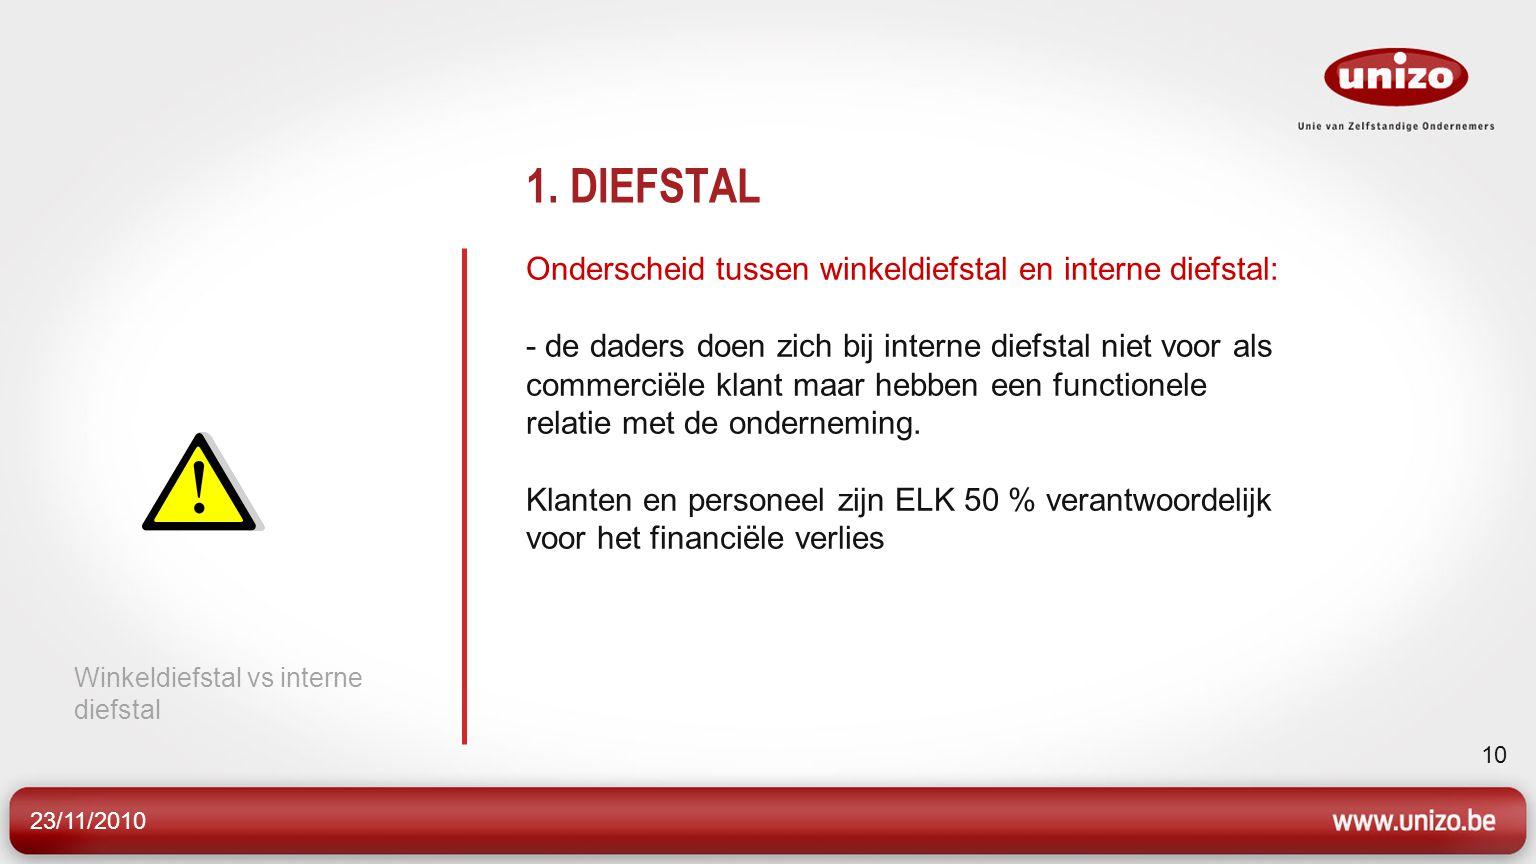 23/11/2010 10 1. DIEFSTAL Onderscheid tussen winkeldiefstal en interne diefstal: - de daders doen zich bij interne diefstal niet voor als commerciële